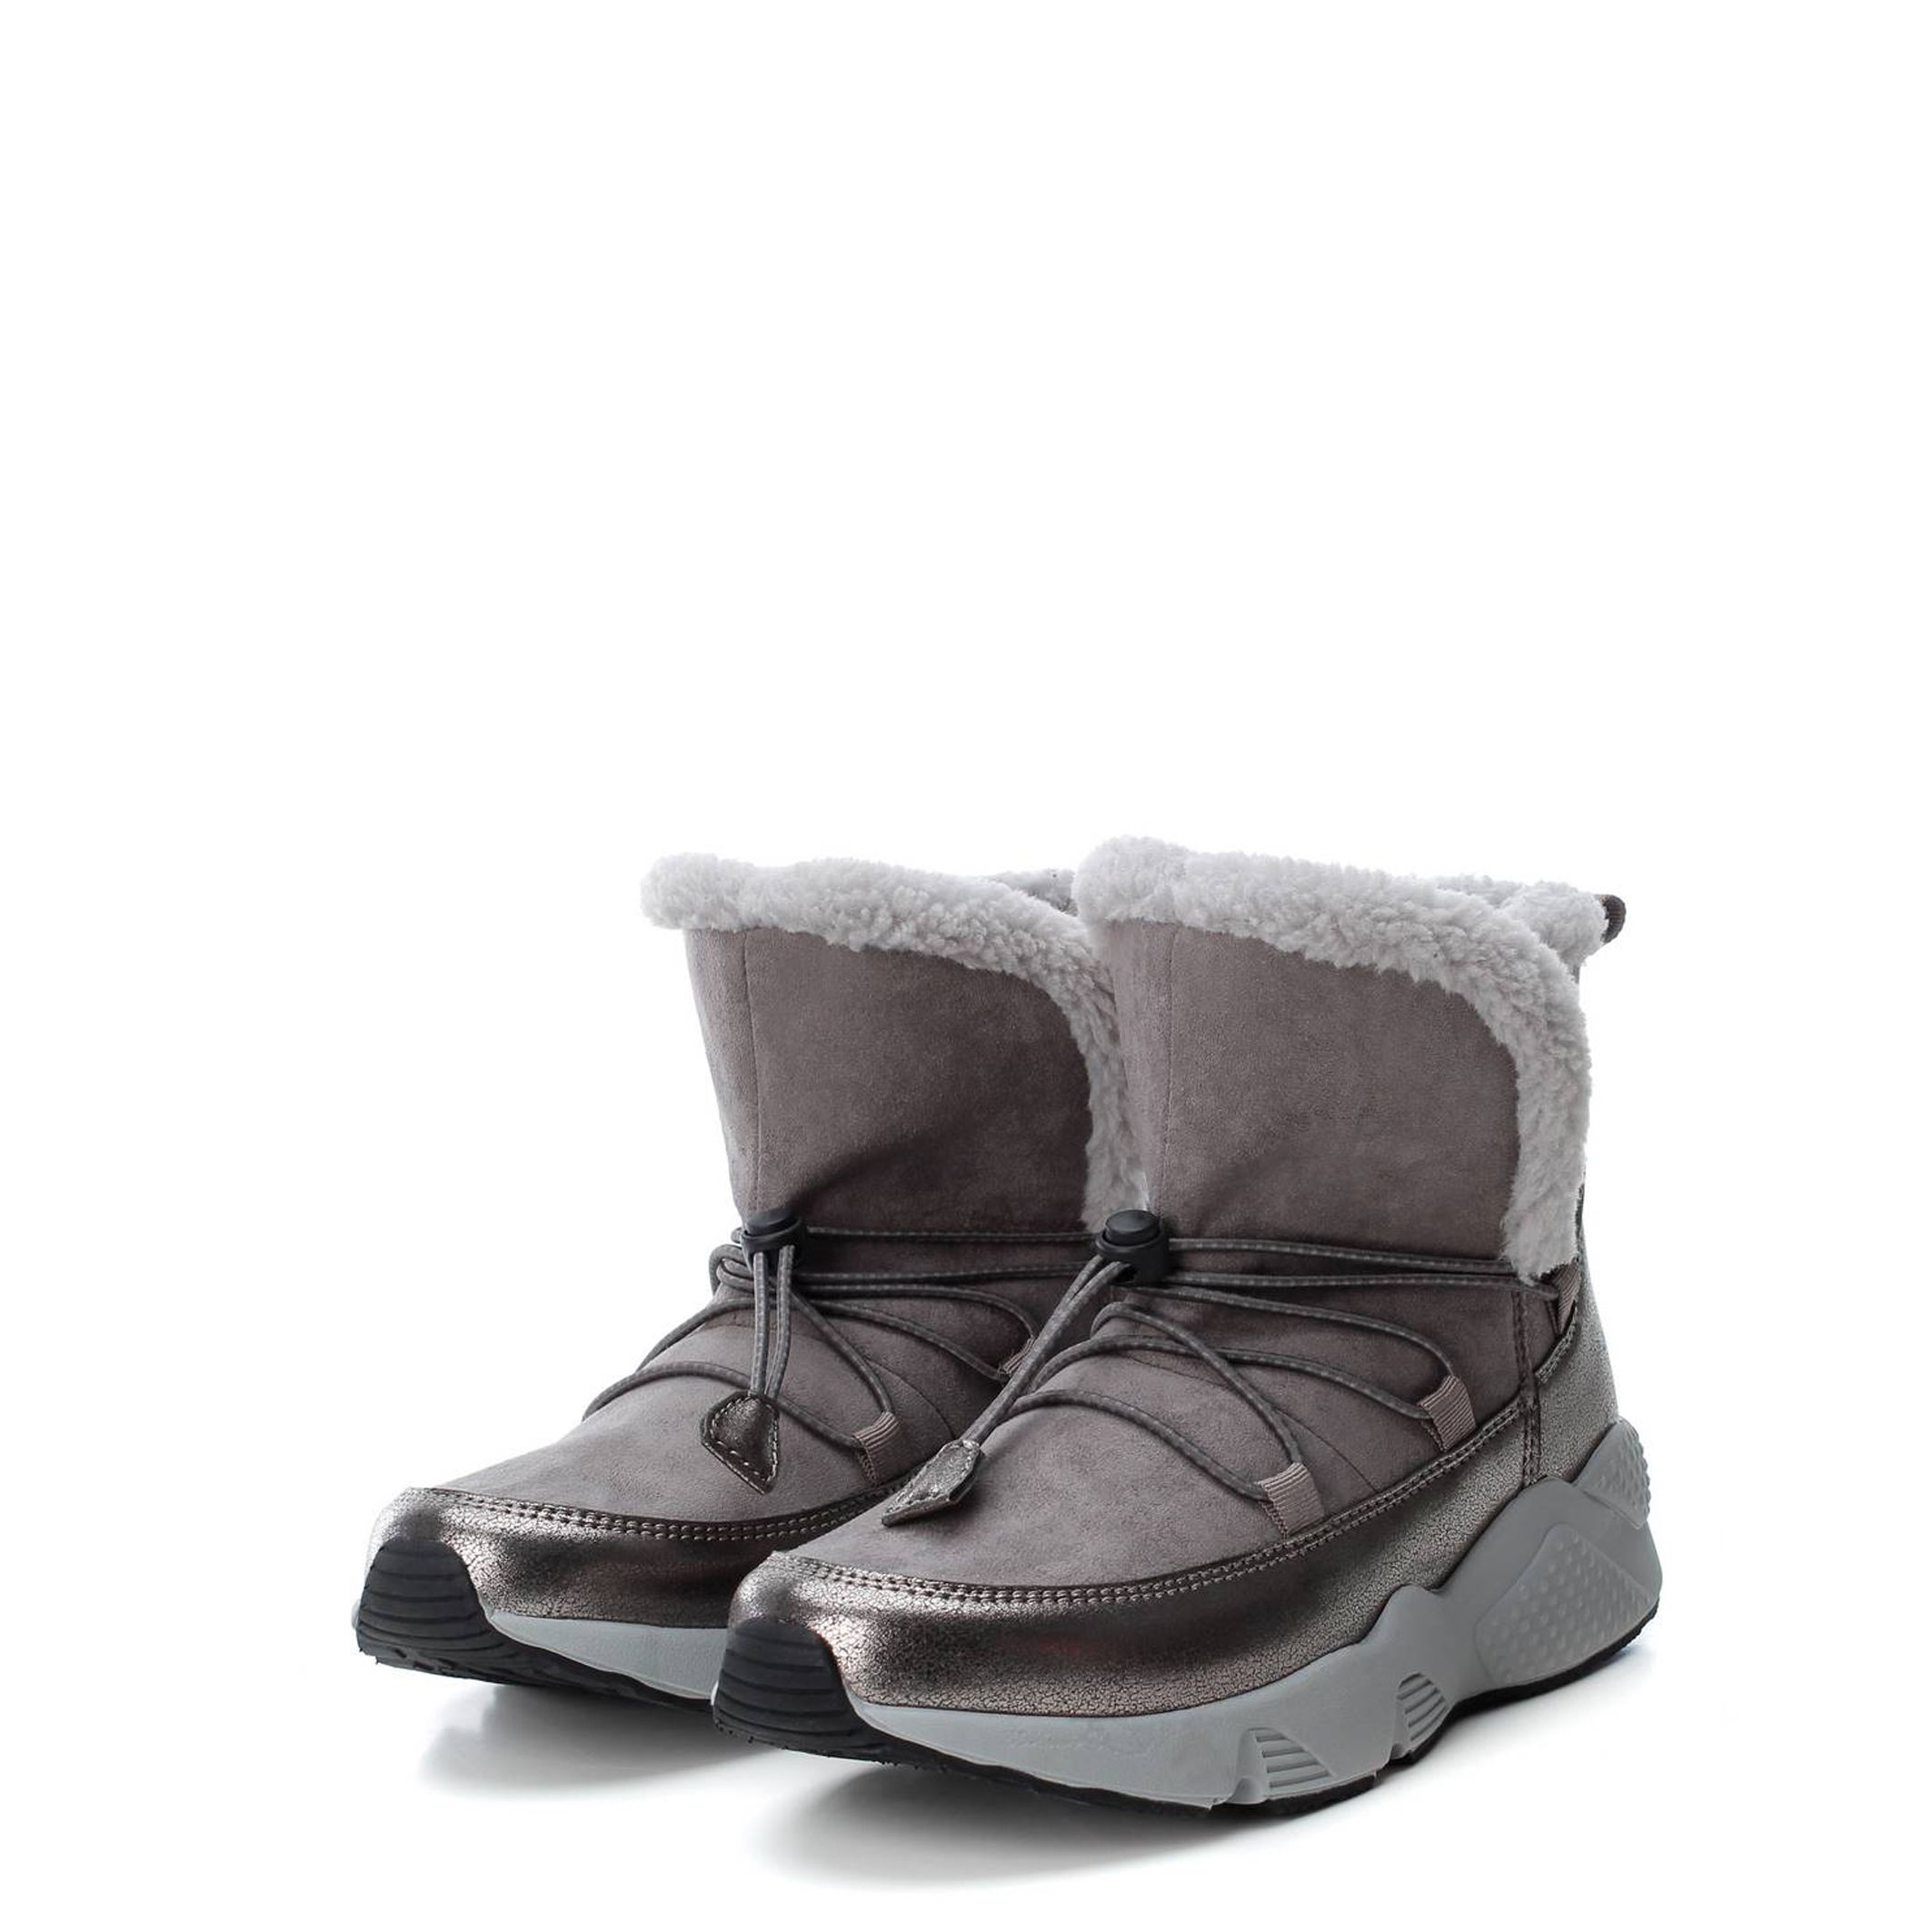 Schuhe Xti – 49514 – Grau